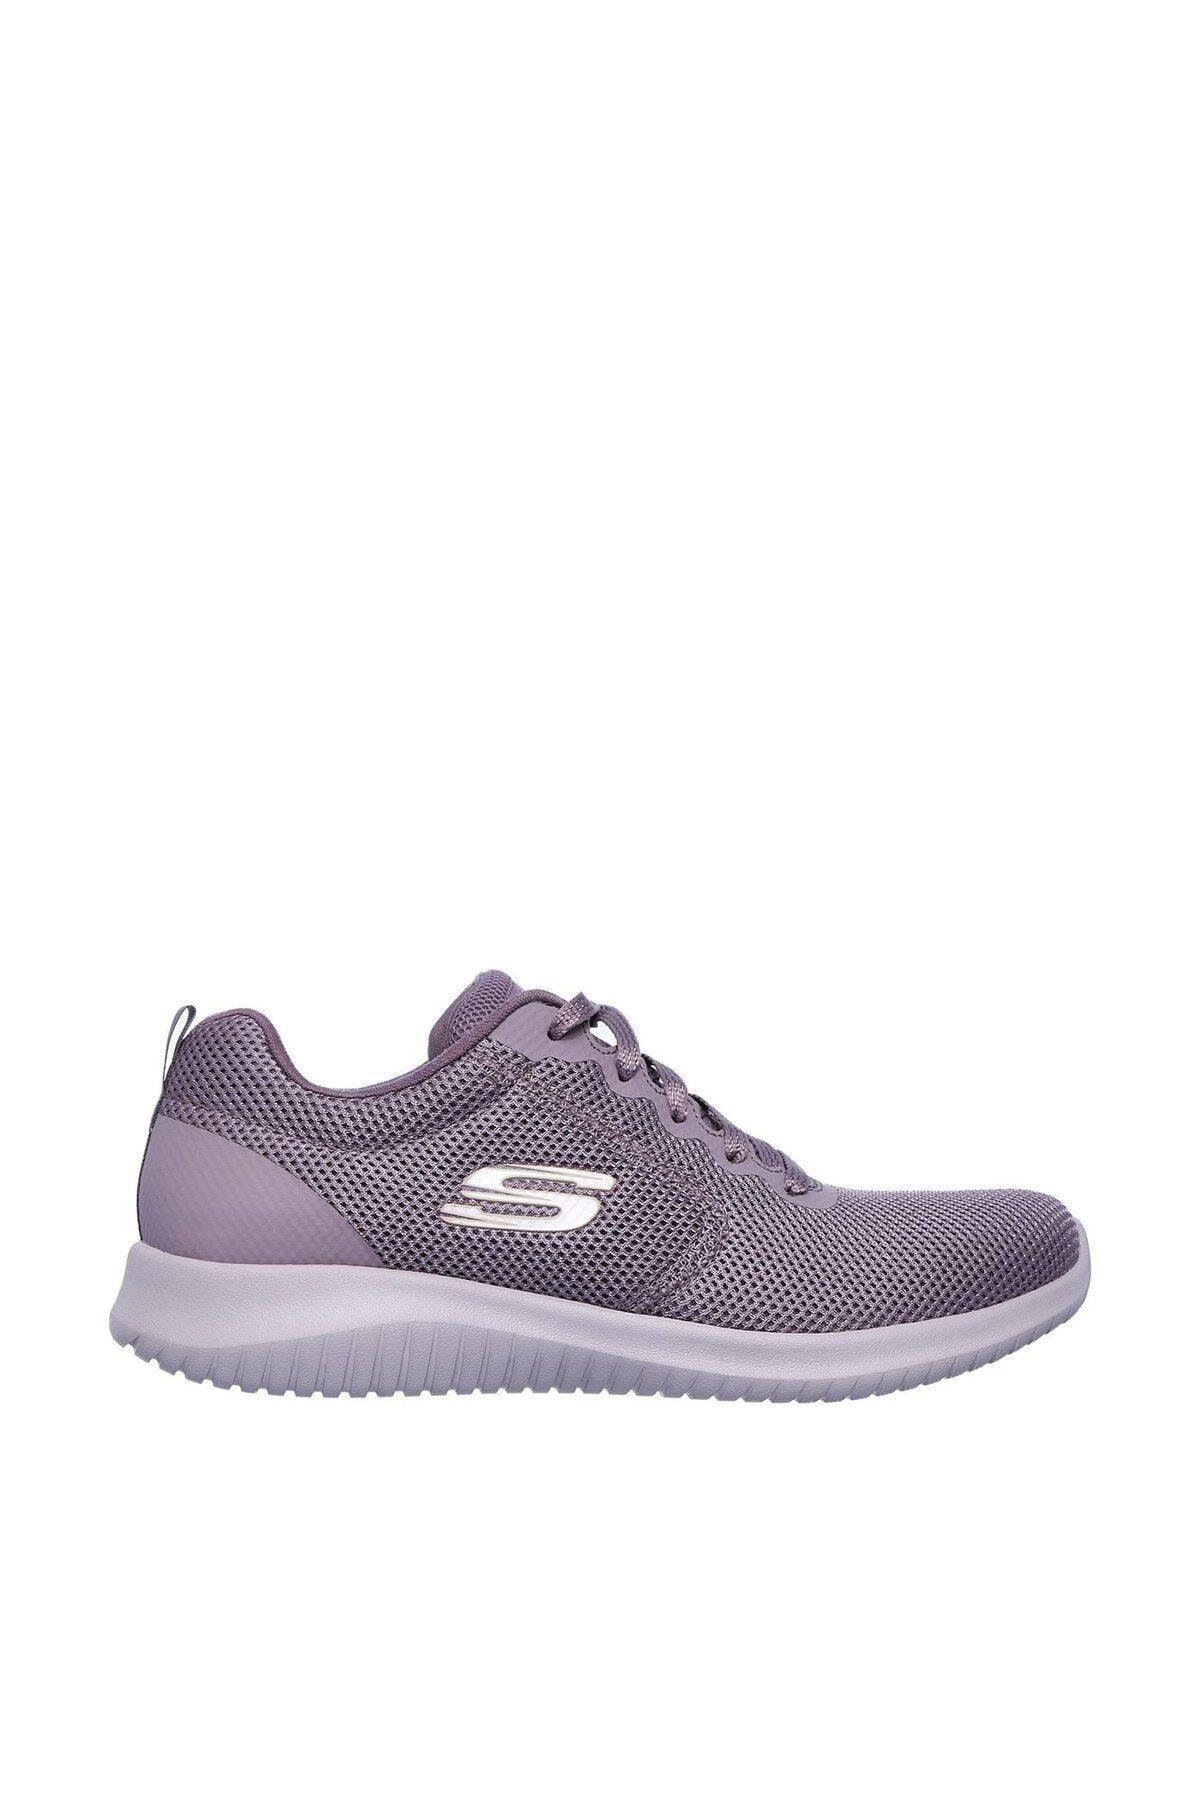 SKECHERS Kadın Gri Ultra Flex Free Spirits Spor Ayakkabı 1